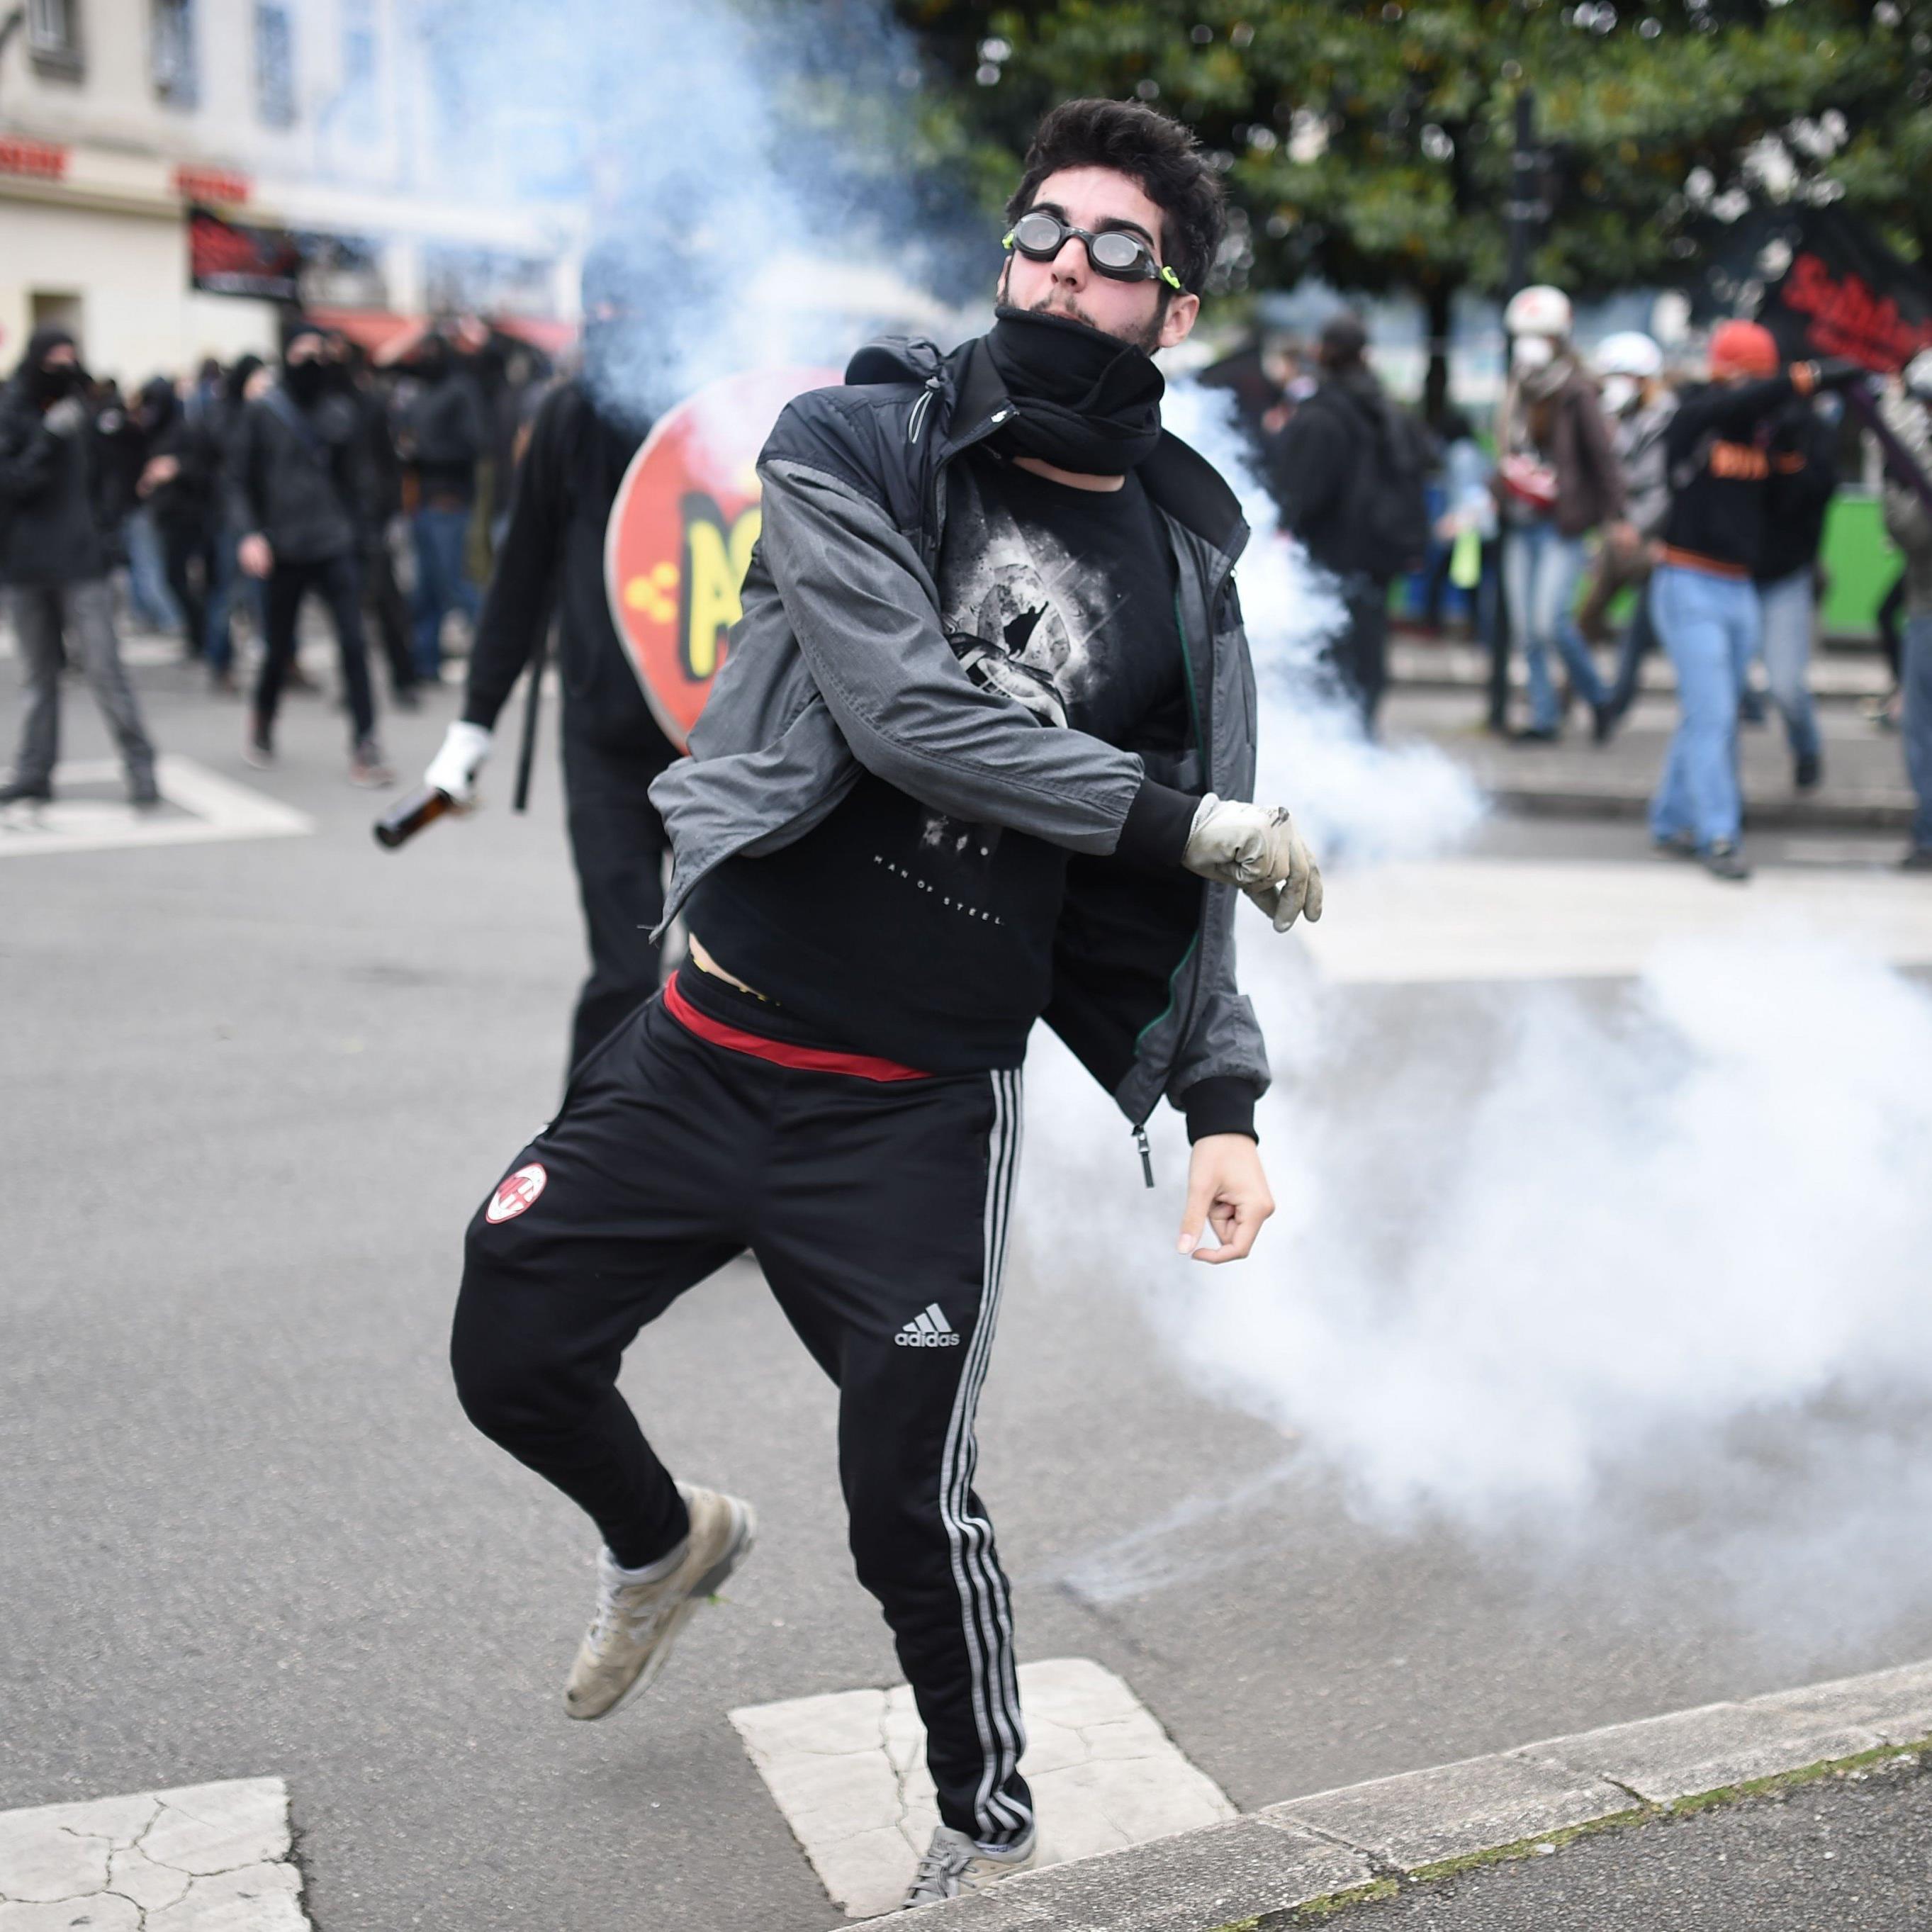 Streiks beherrschen das Land.